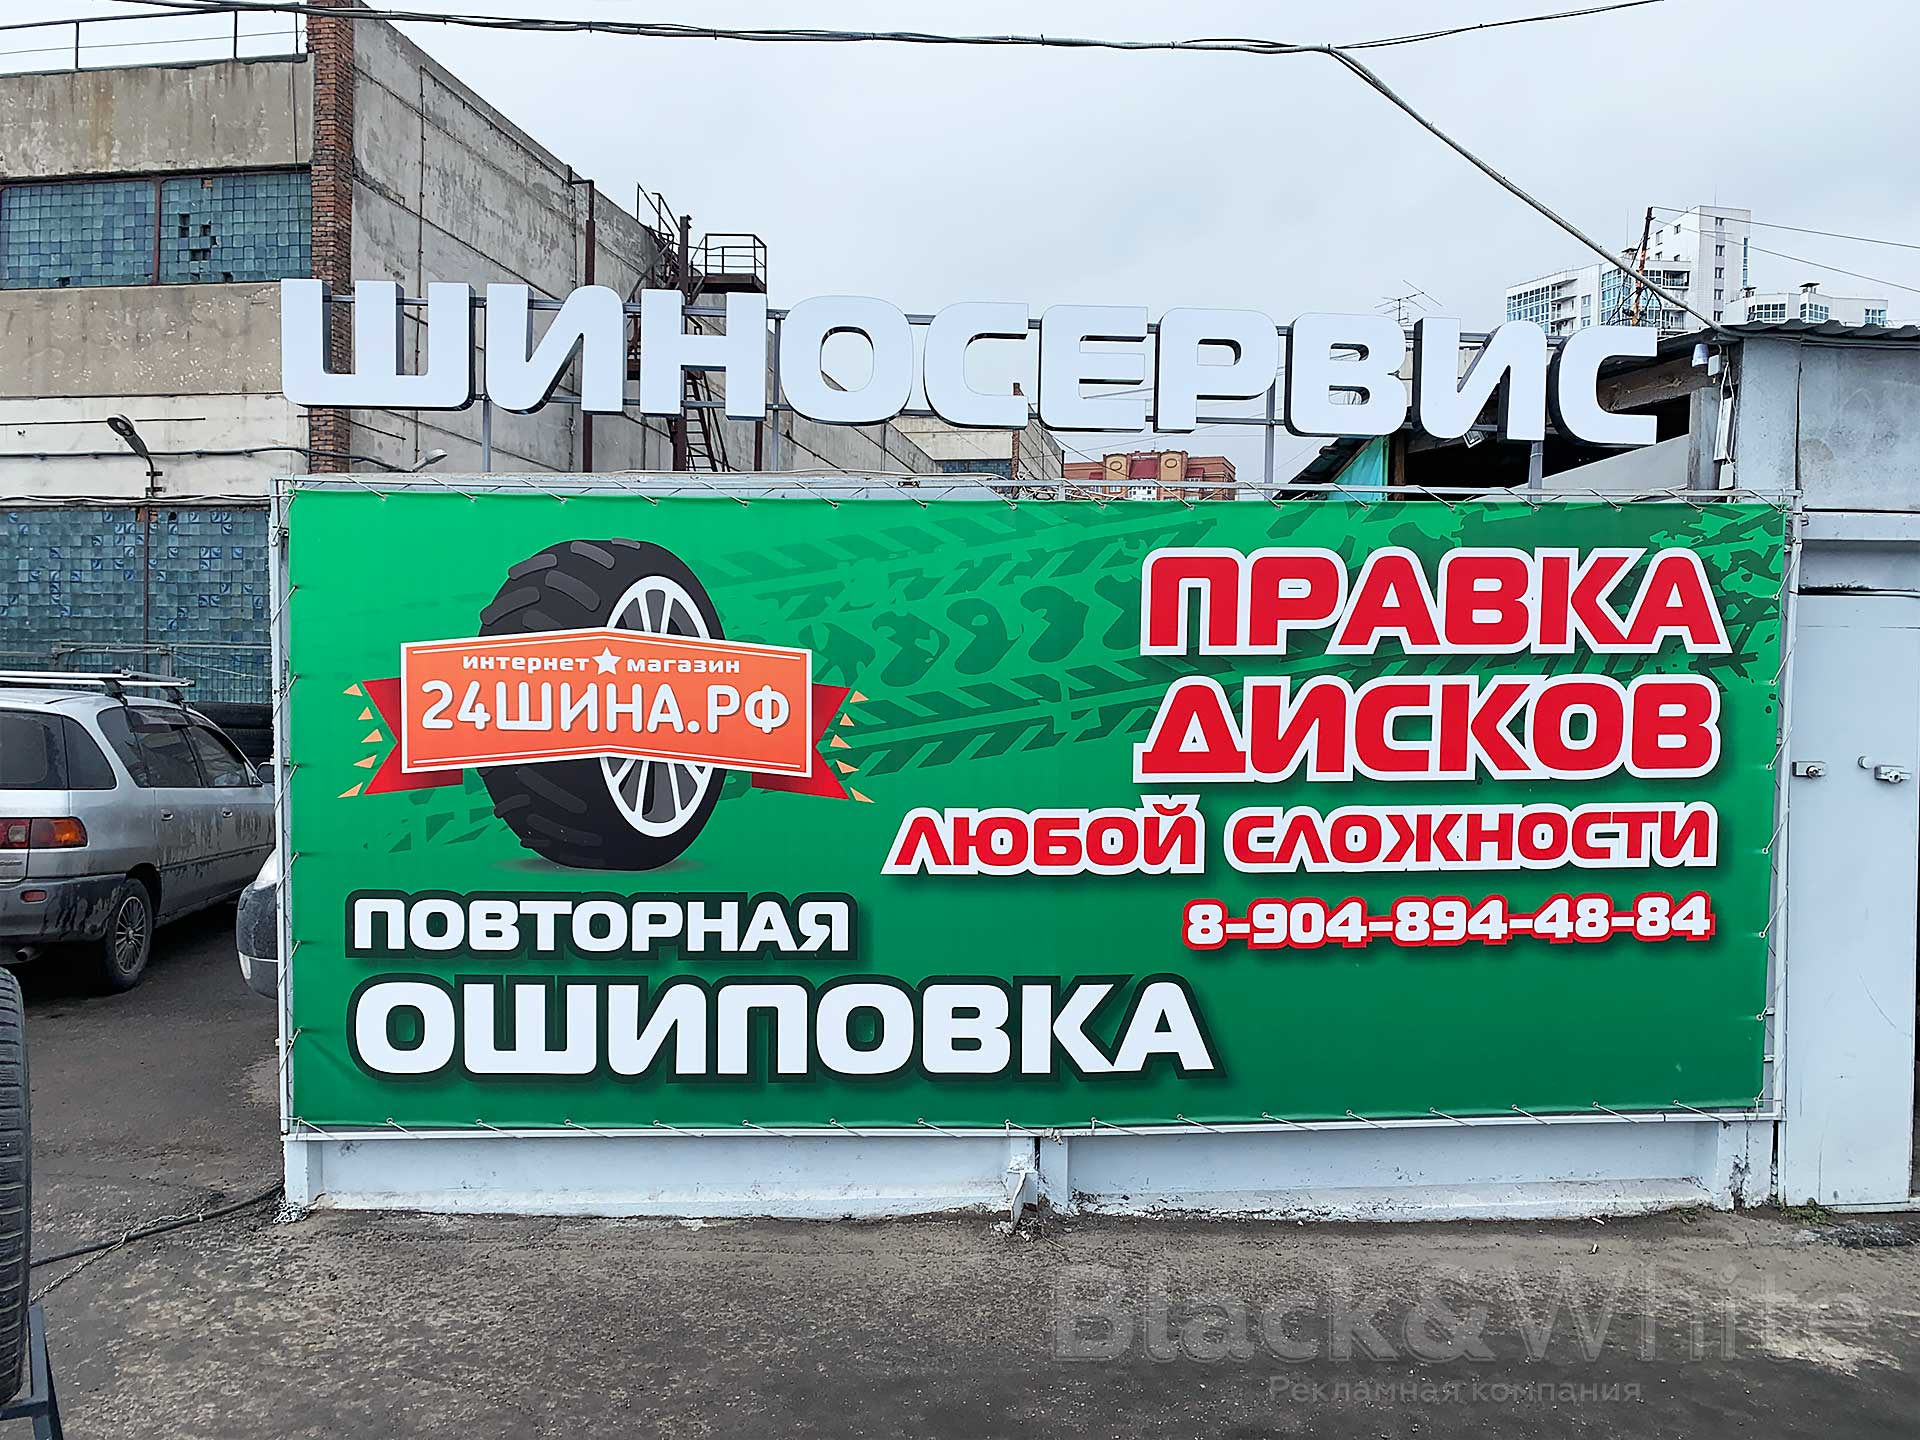 Световая-вывеска-для-шиносервиса-объёмные-буквы-шиносервис-изготовление-в-Красноярске1.jpg